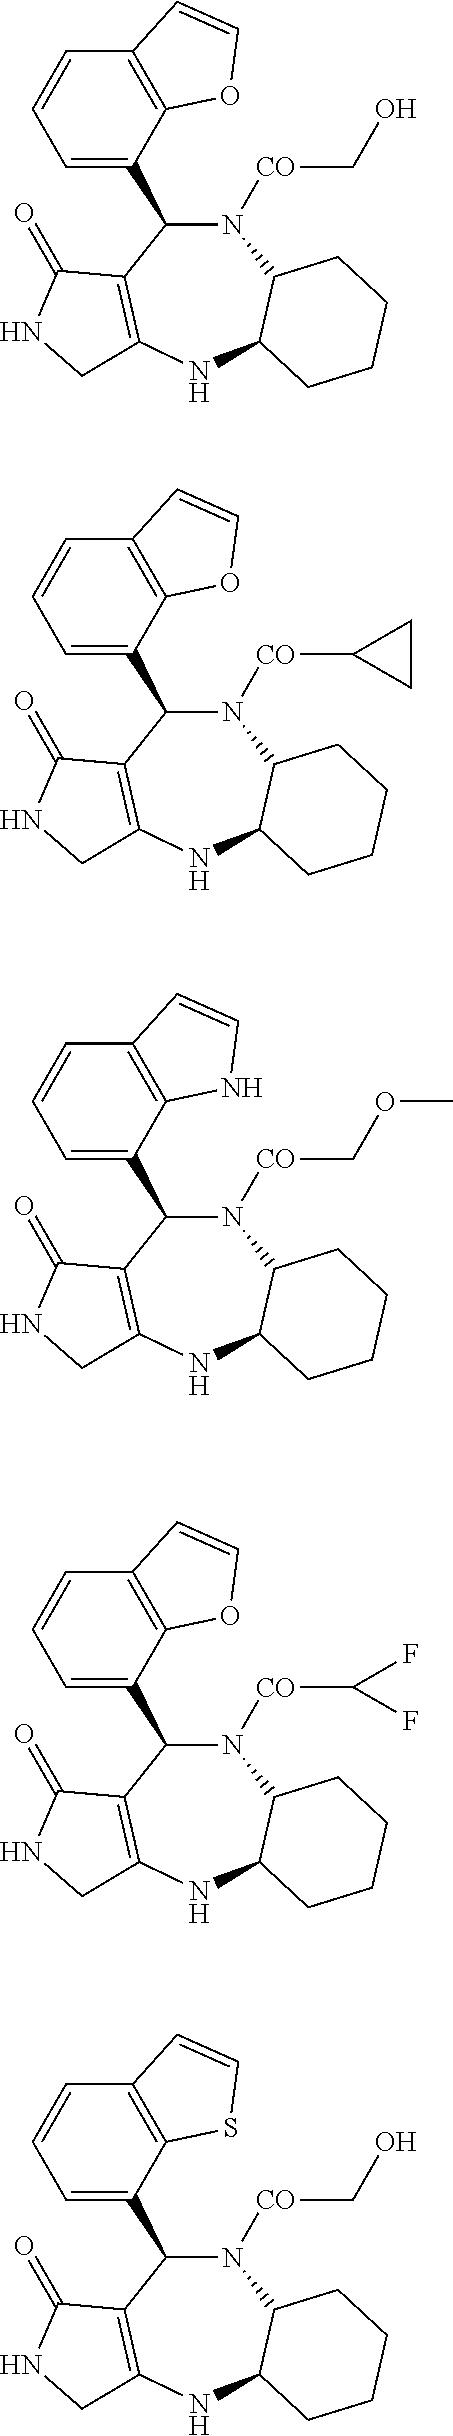 Figure US09962344-20180508-C00171